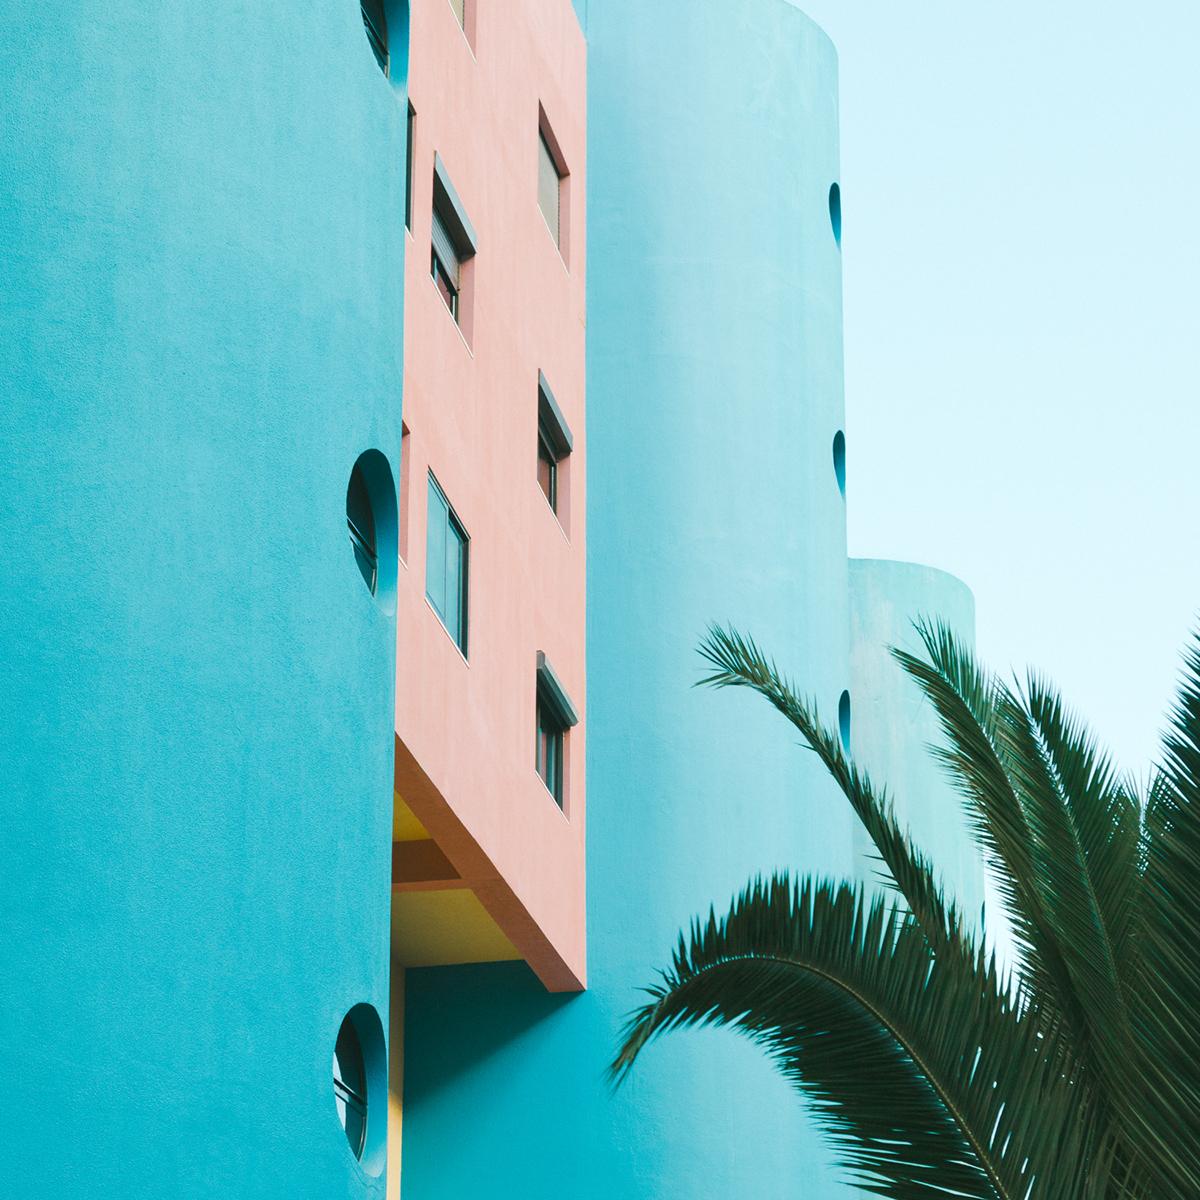 Colores y arquitectura de Matthias Heiderich 7